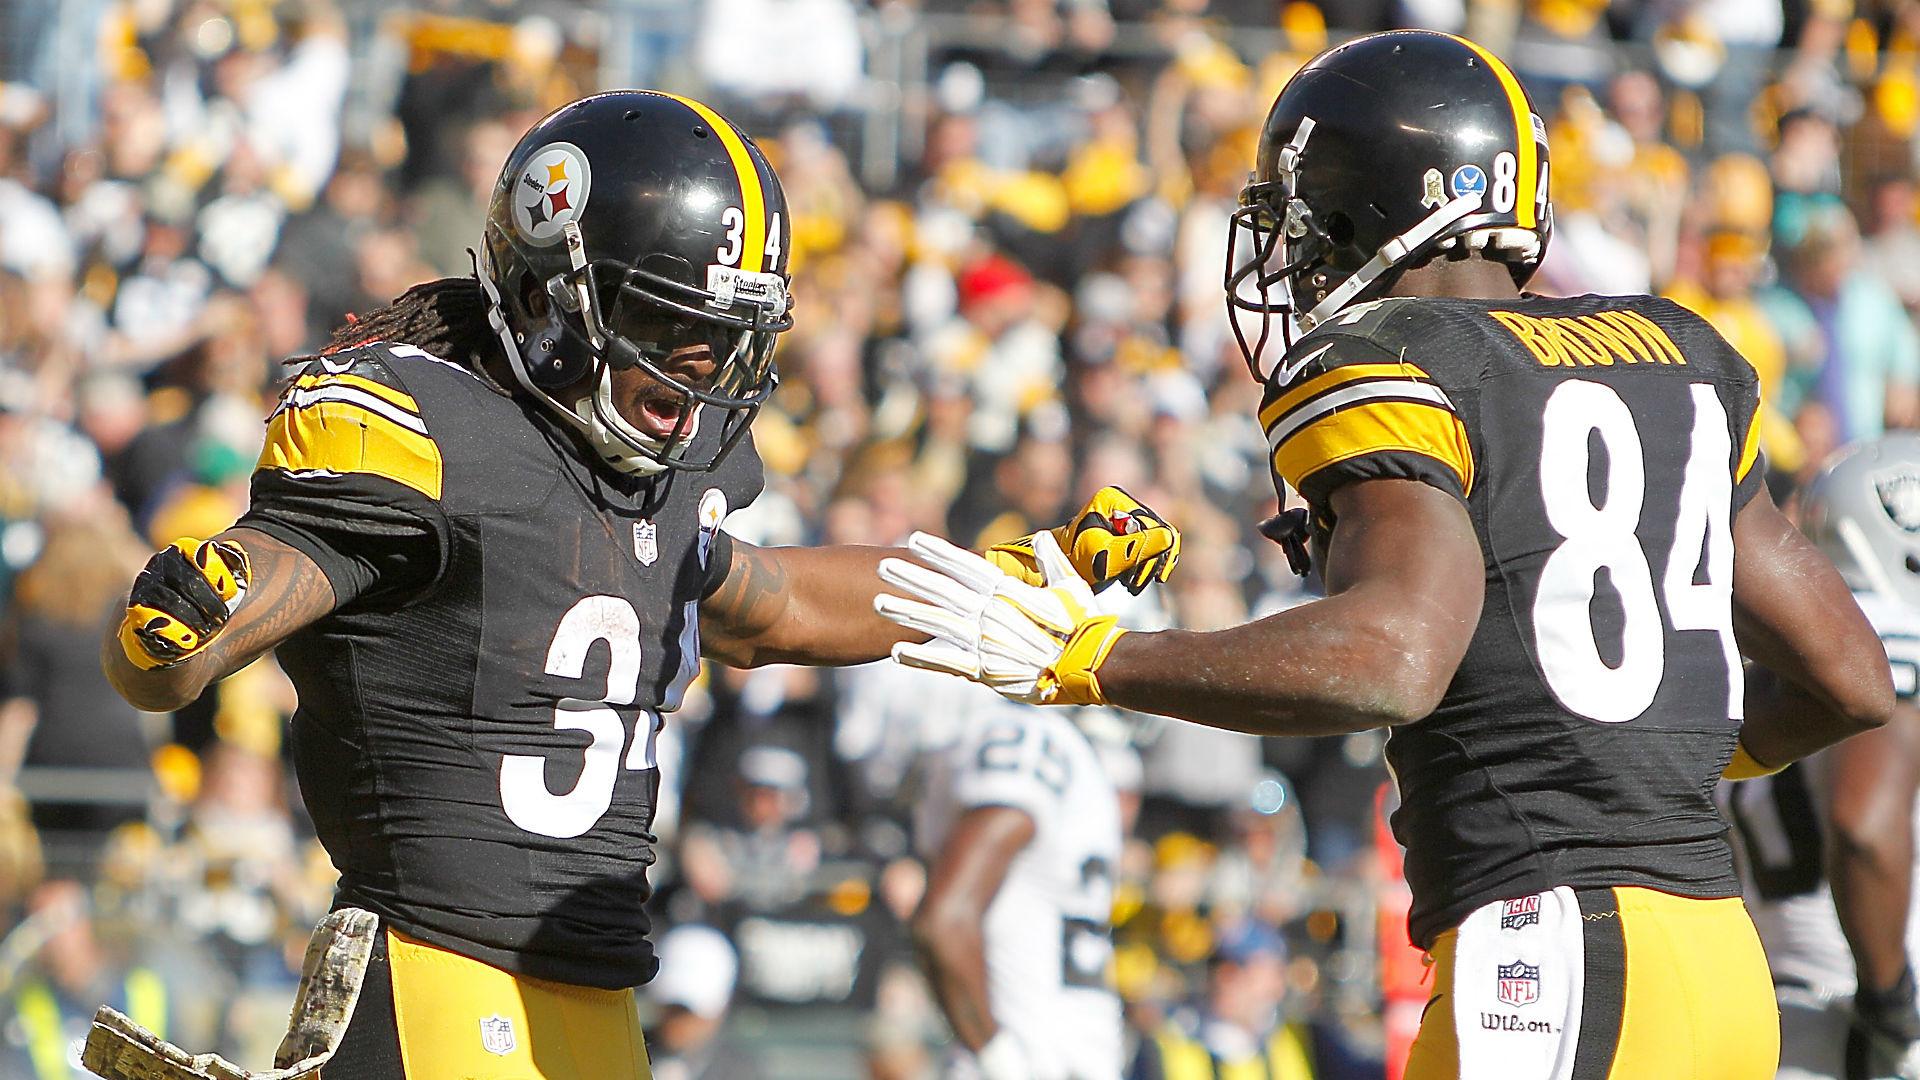 Antonio Brown, DeAngelo Williams must remain Steelers' saviors | NFL |  Sporting News